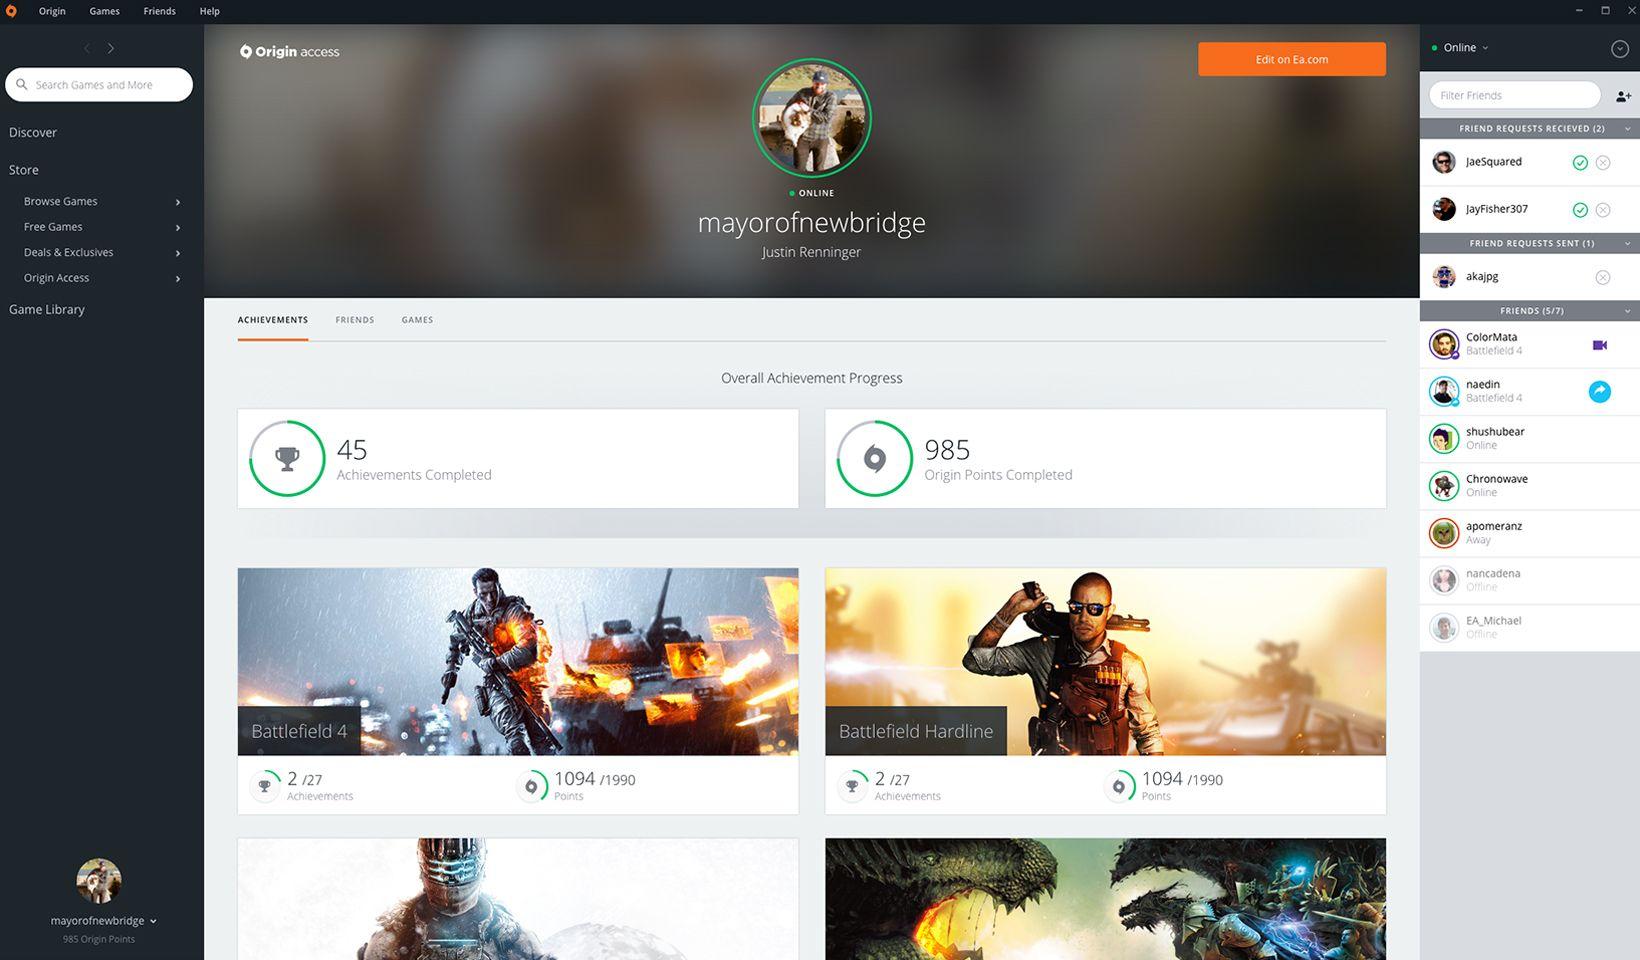 About Origin: Platform made for gaming | Origin